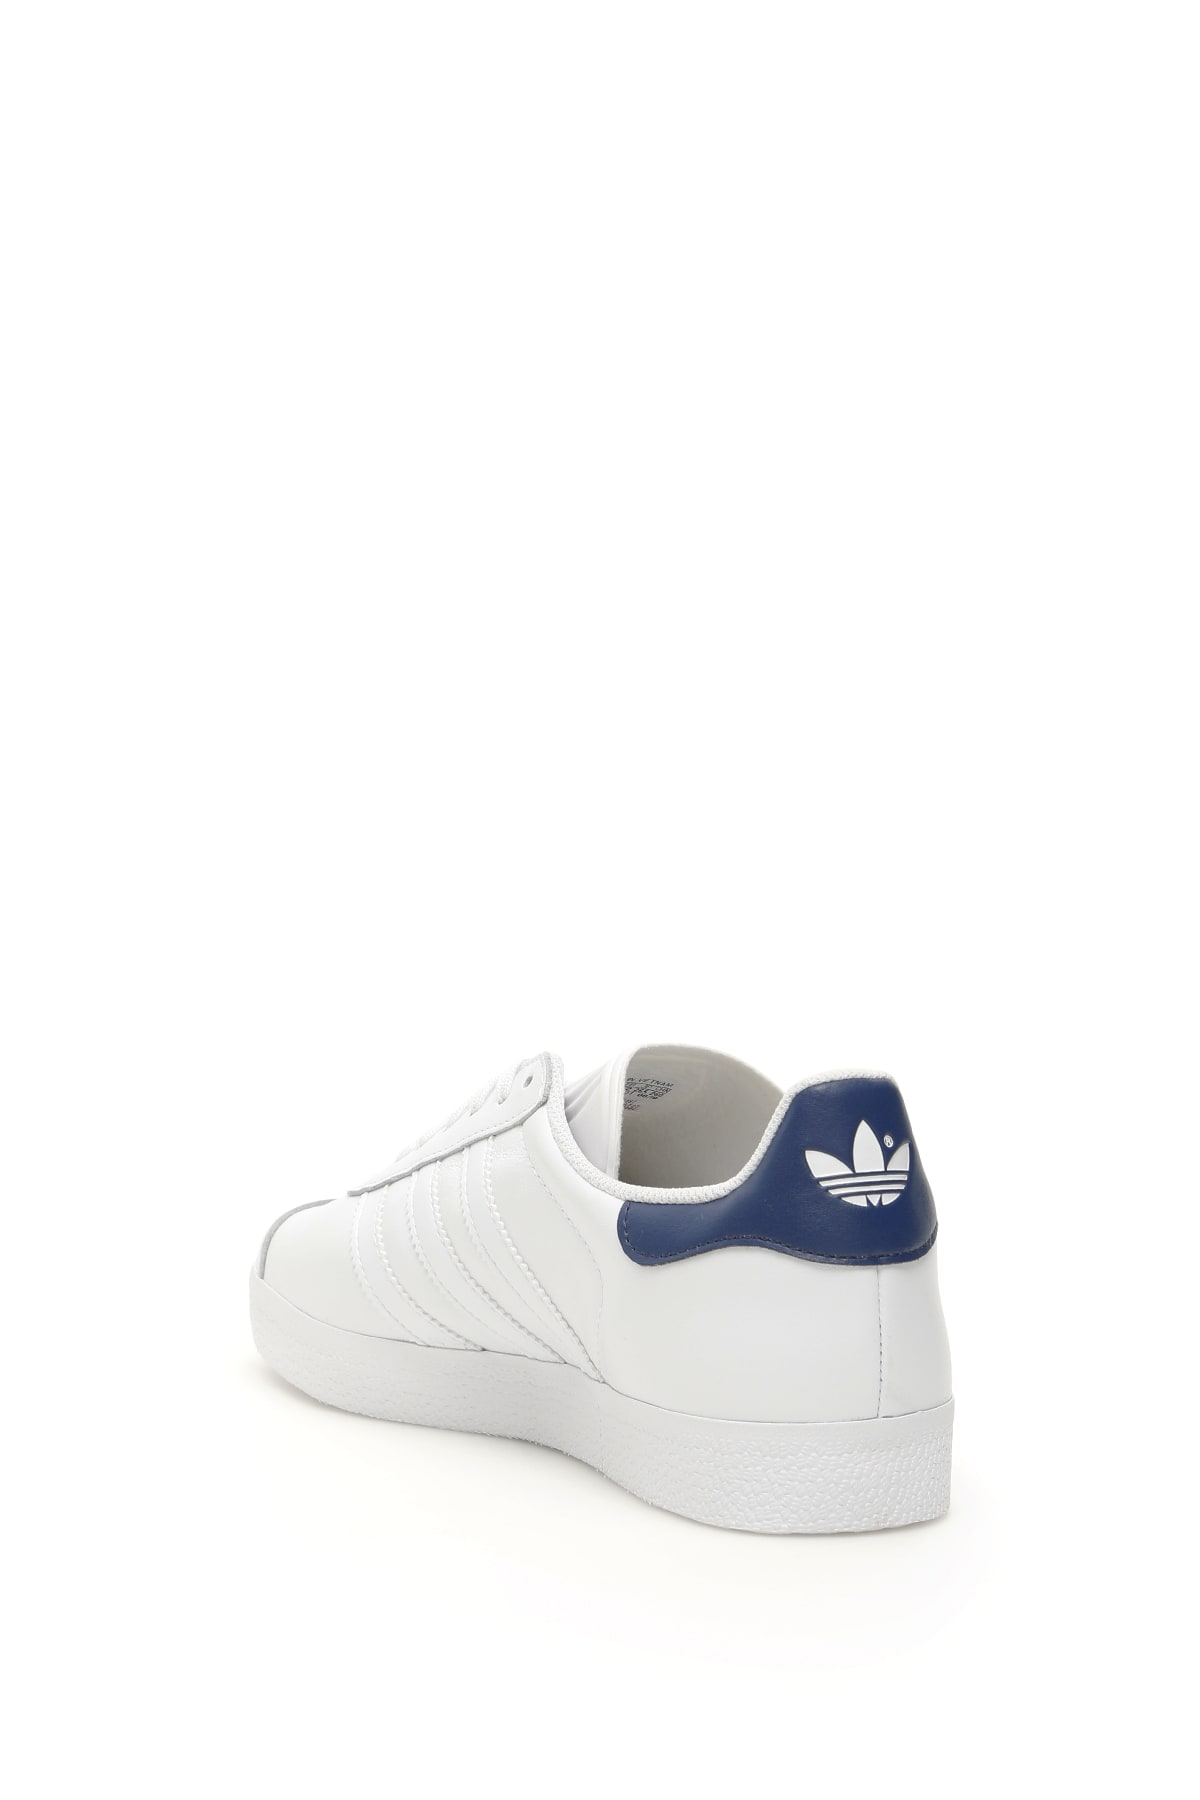 Adidas Adidas Gazelle Originals Sneakers FTWR WHITE (White